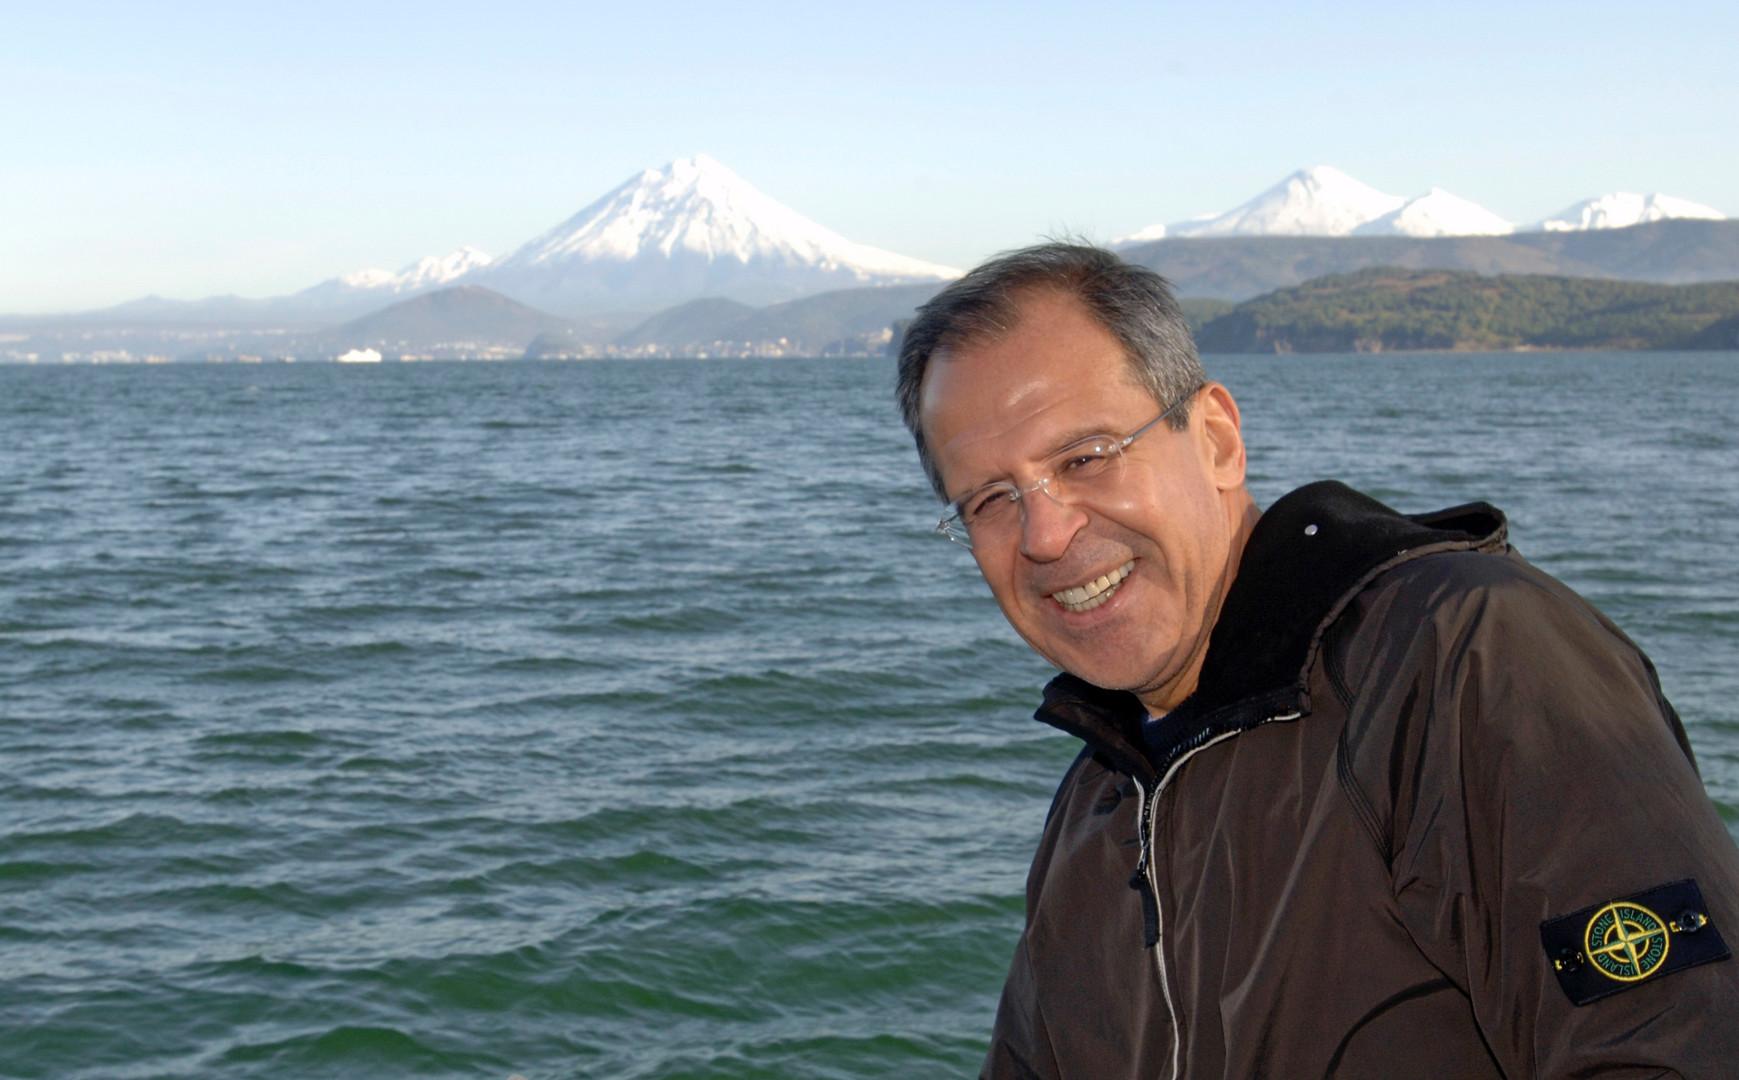 Sergej Lawrow während seiner Reise nach Kamtschatka im November 2006. Die russische Vulkanregion von Kamtschatka, die größtenteils als Naturpark ausgewiesen ist, gehört zum UNESCO Welt-Naturerbe.